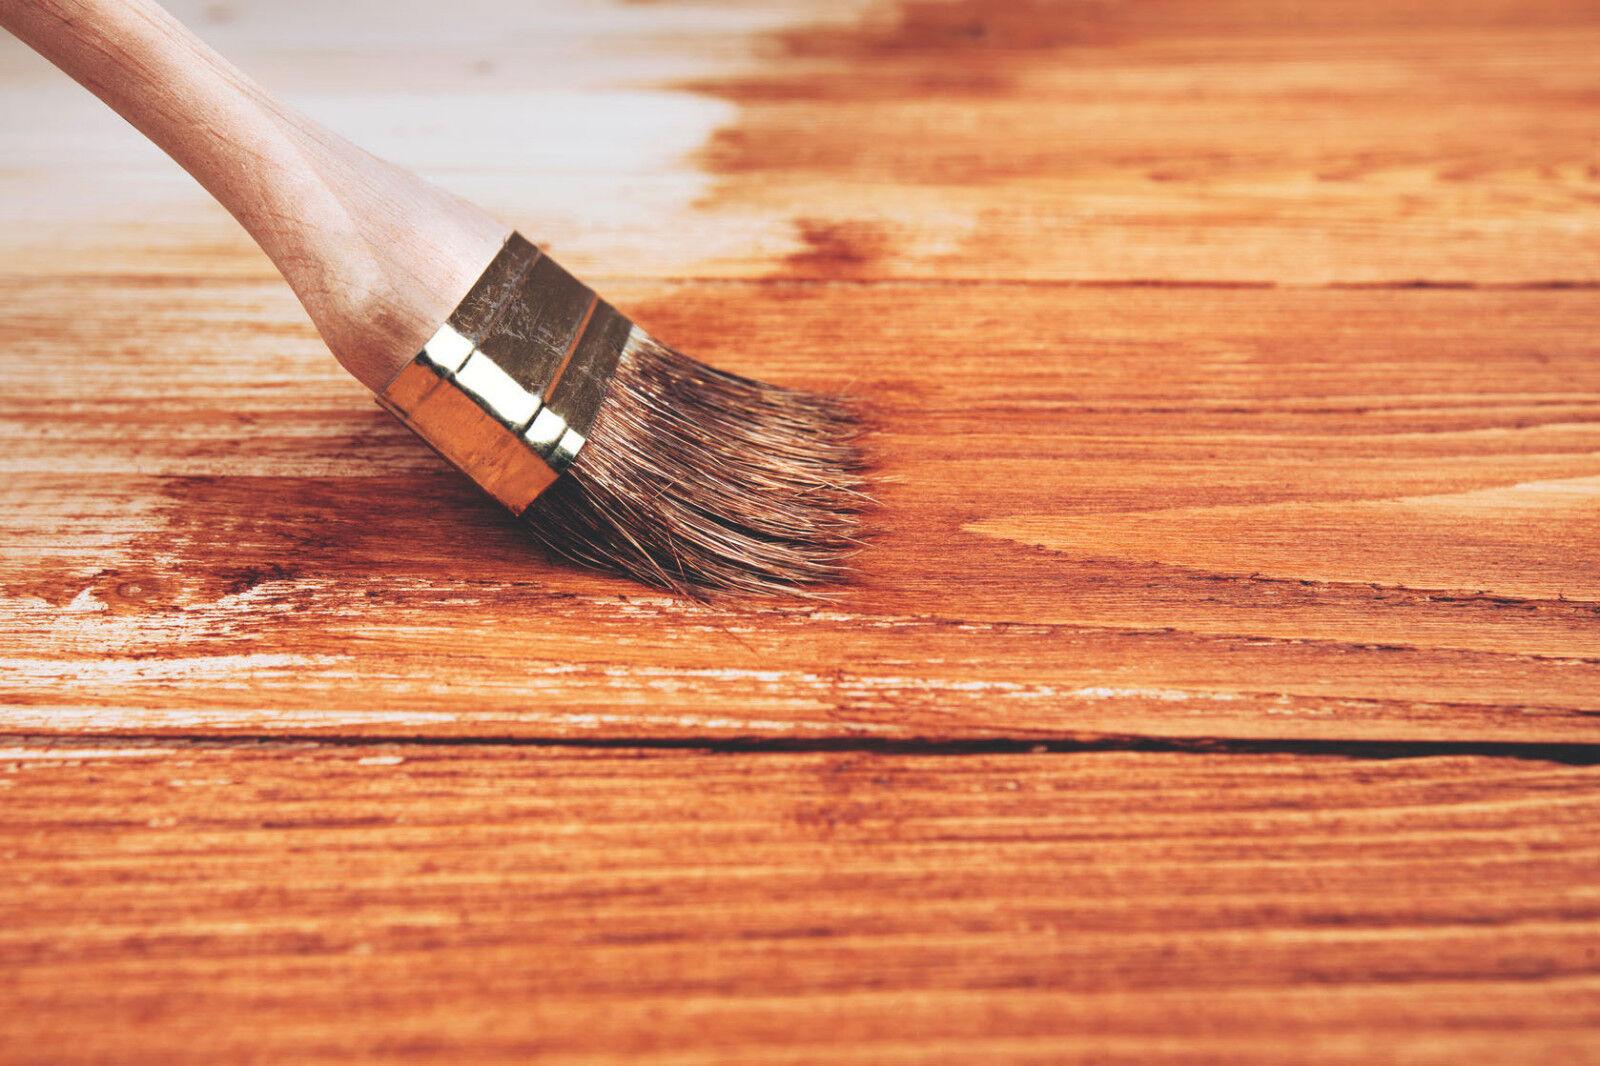 Holz Pflegemittel Test Vergleich Holz Pflegemittel Kaufen Sparen